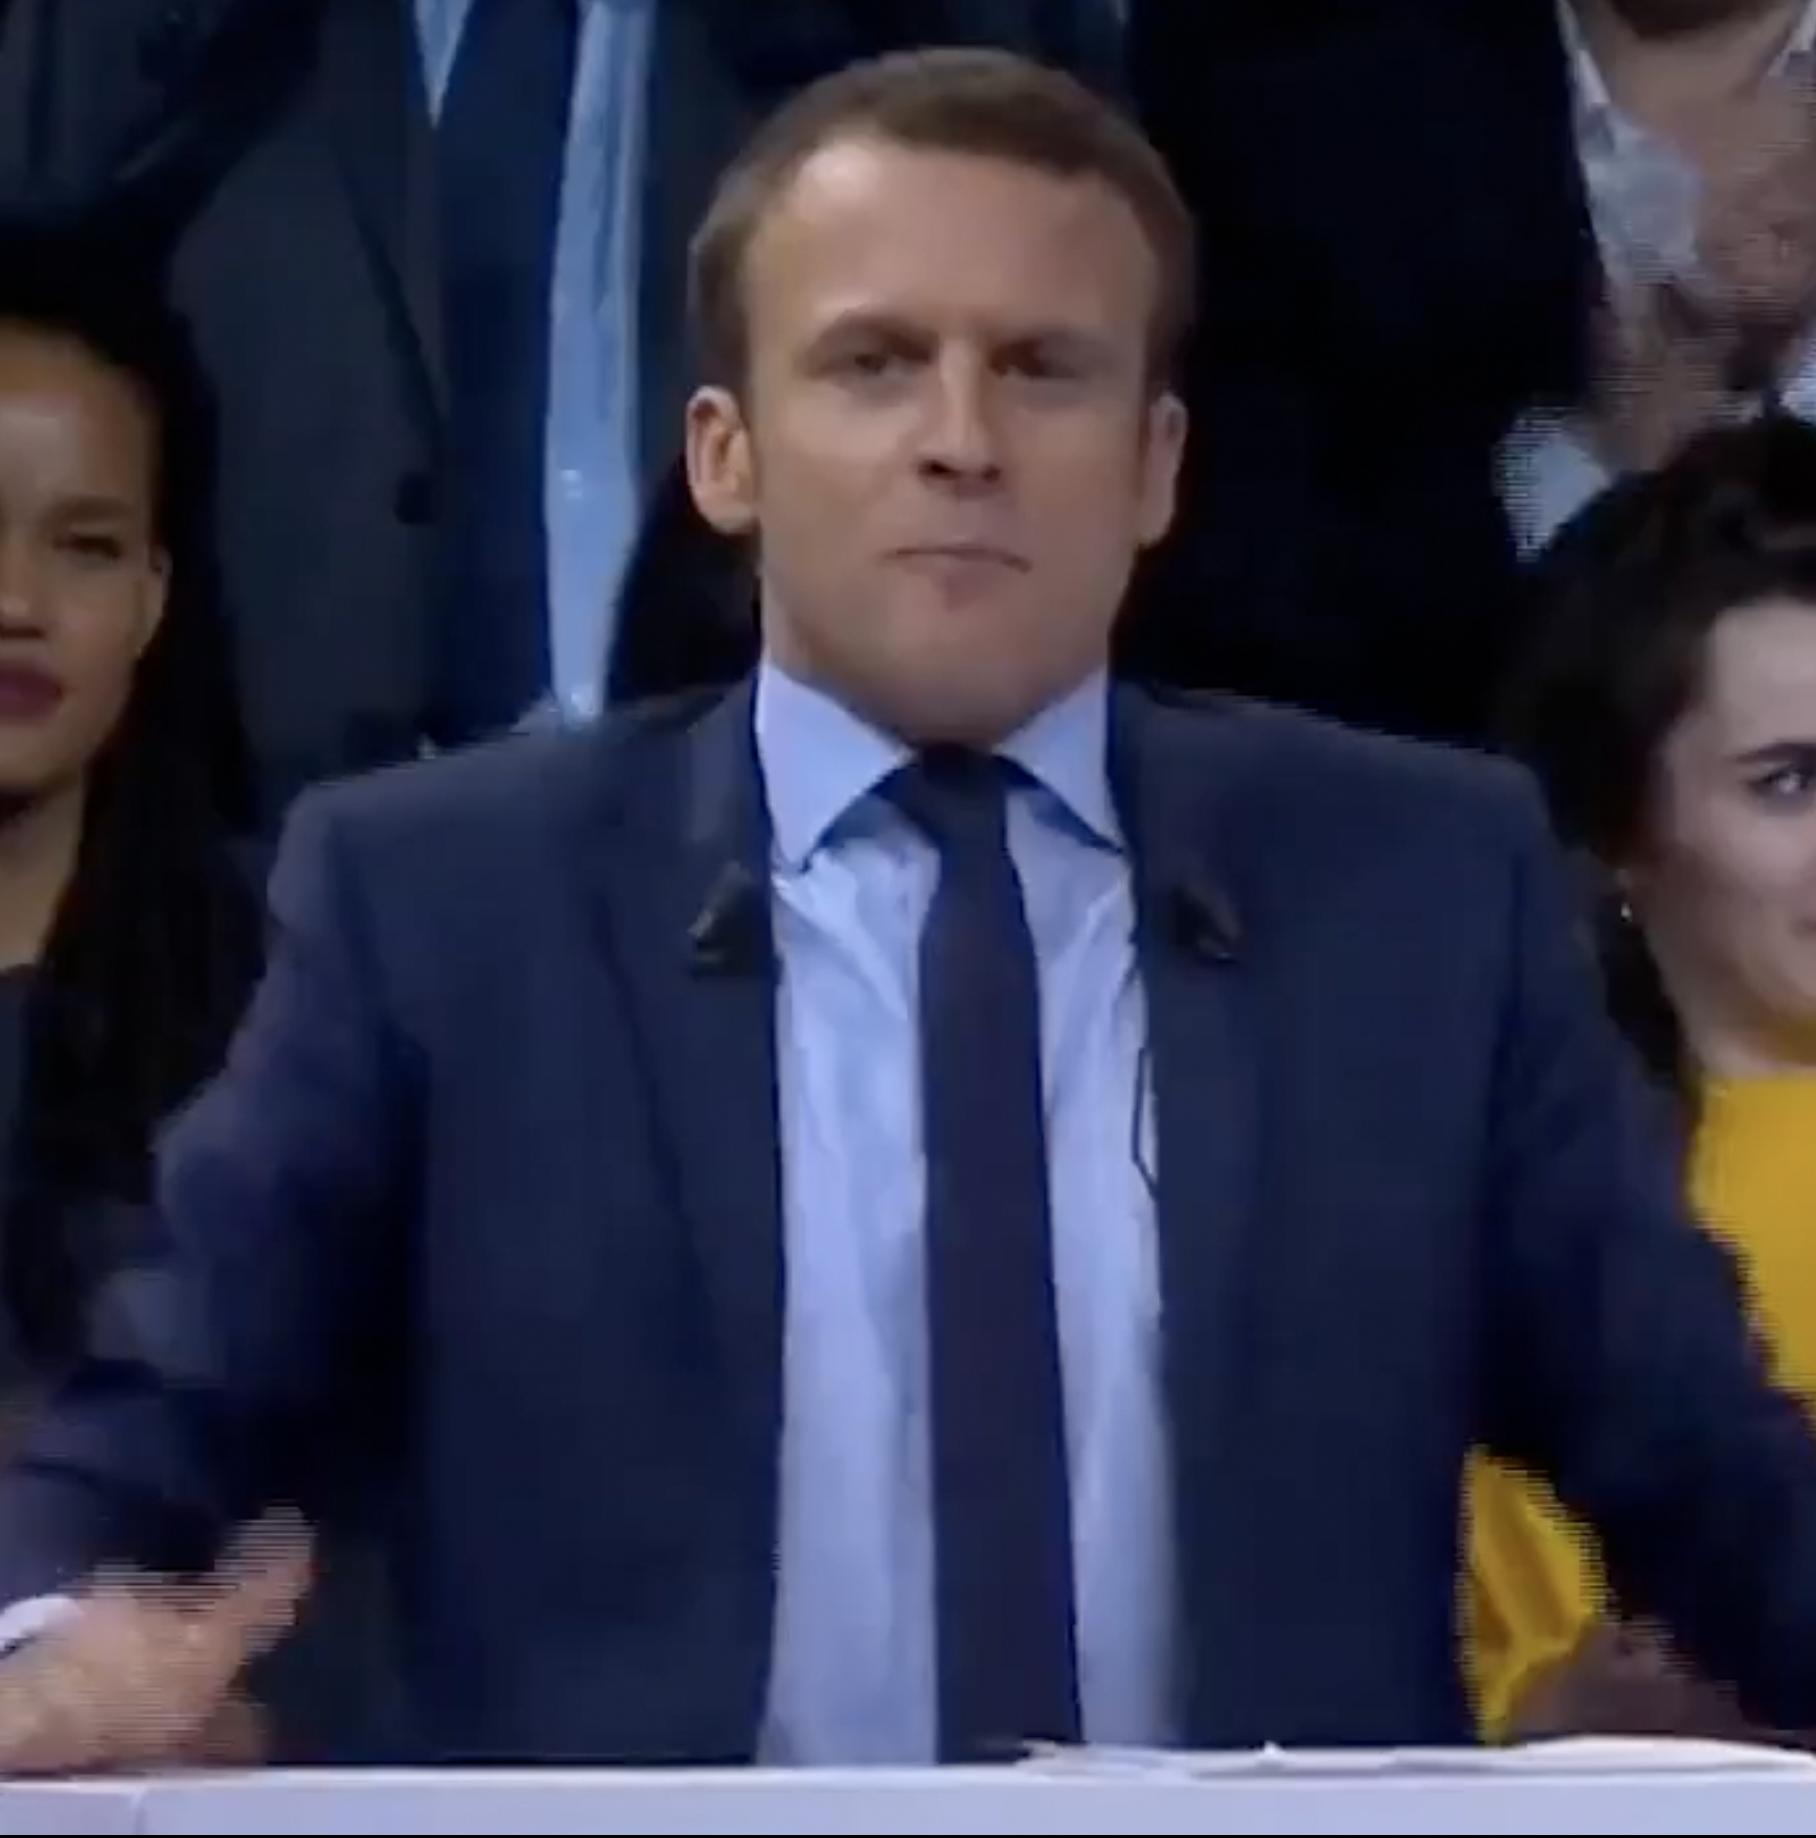 Macron: on lui donne une bonne leçon! (de rhétorique)